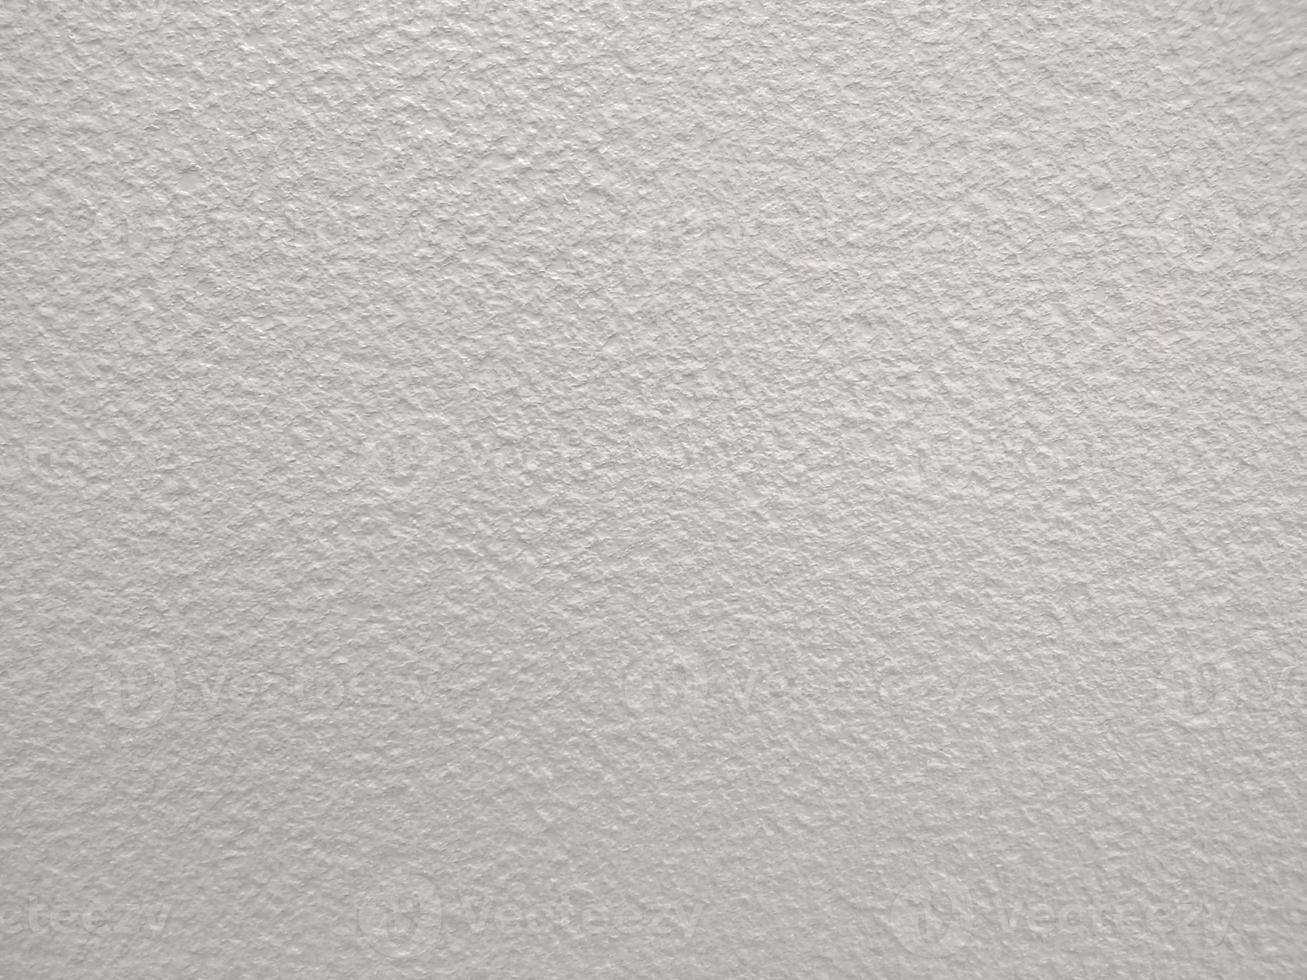 textura rugosa gris foto